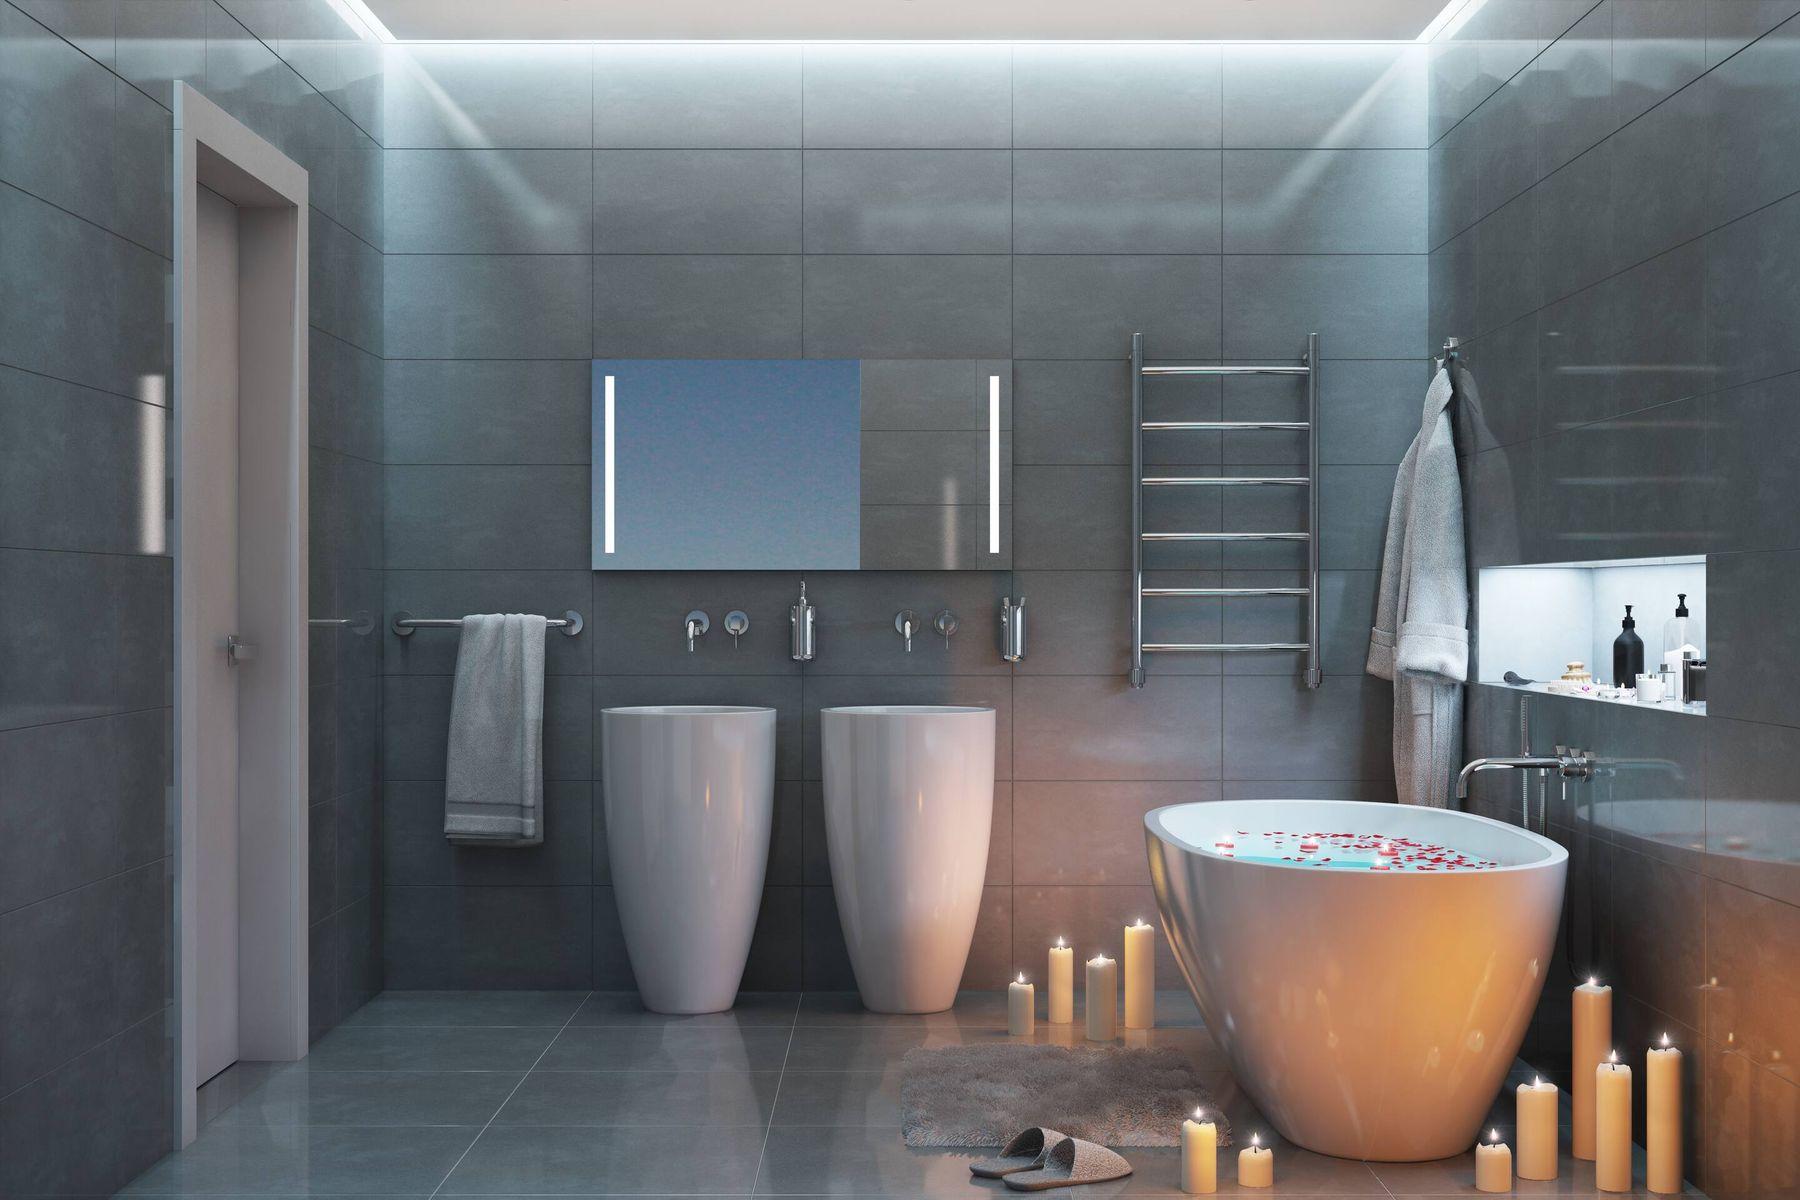 बाथरूम के नल और बाकी फ़िटिंग्स को बनाना है चमकदार? पेश हैं उपाय शानदार!